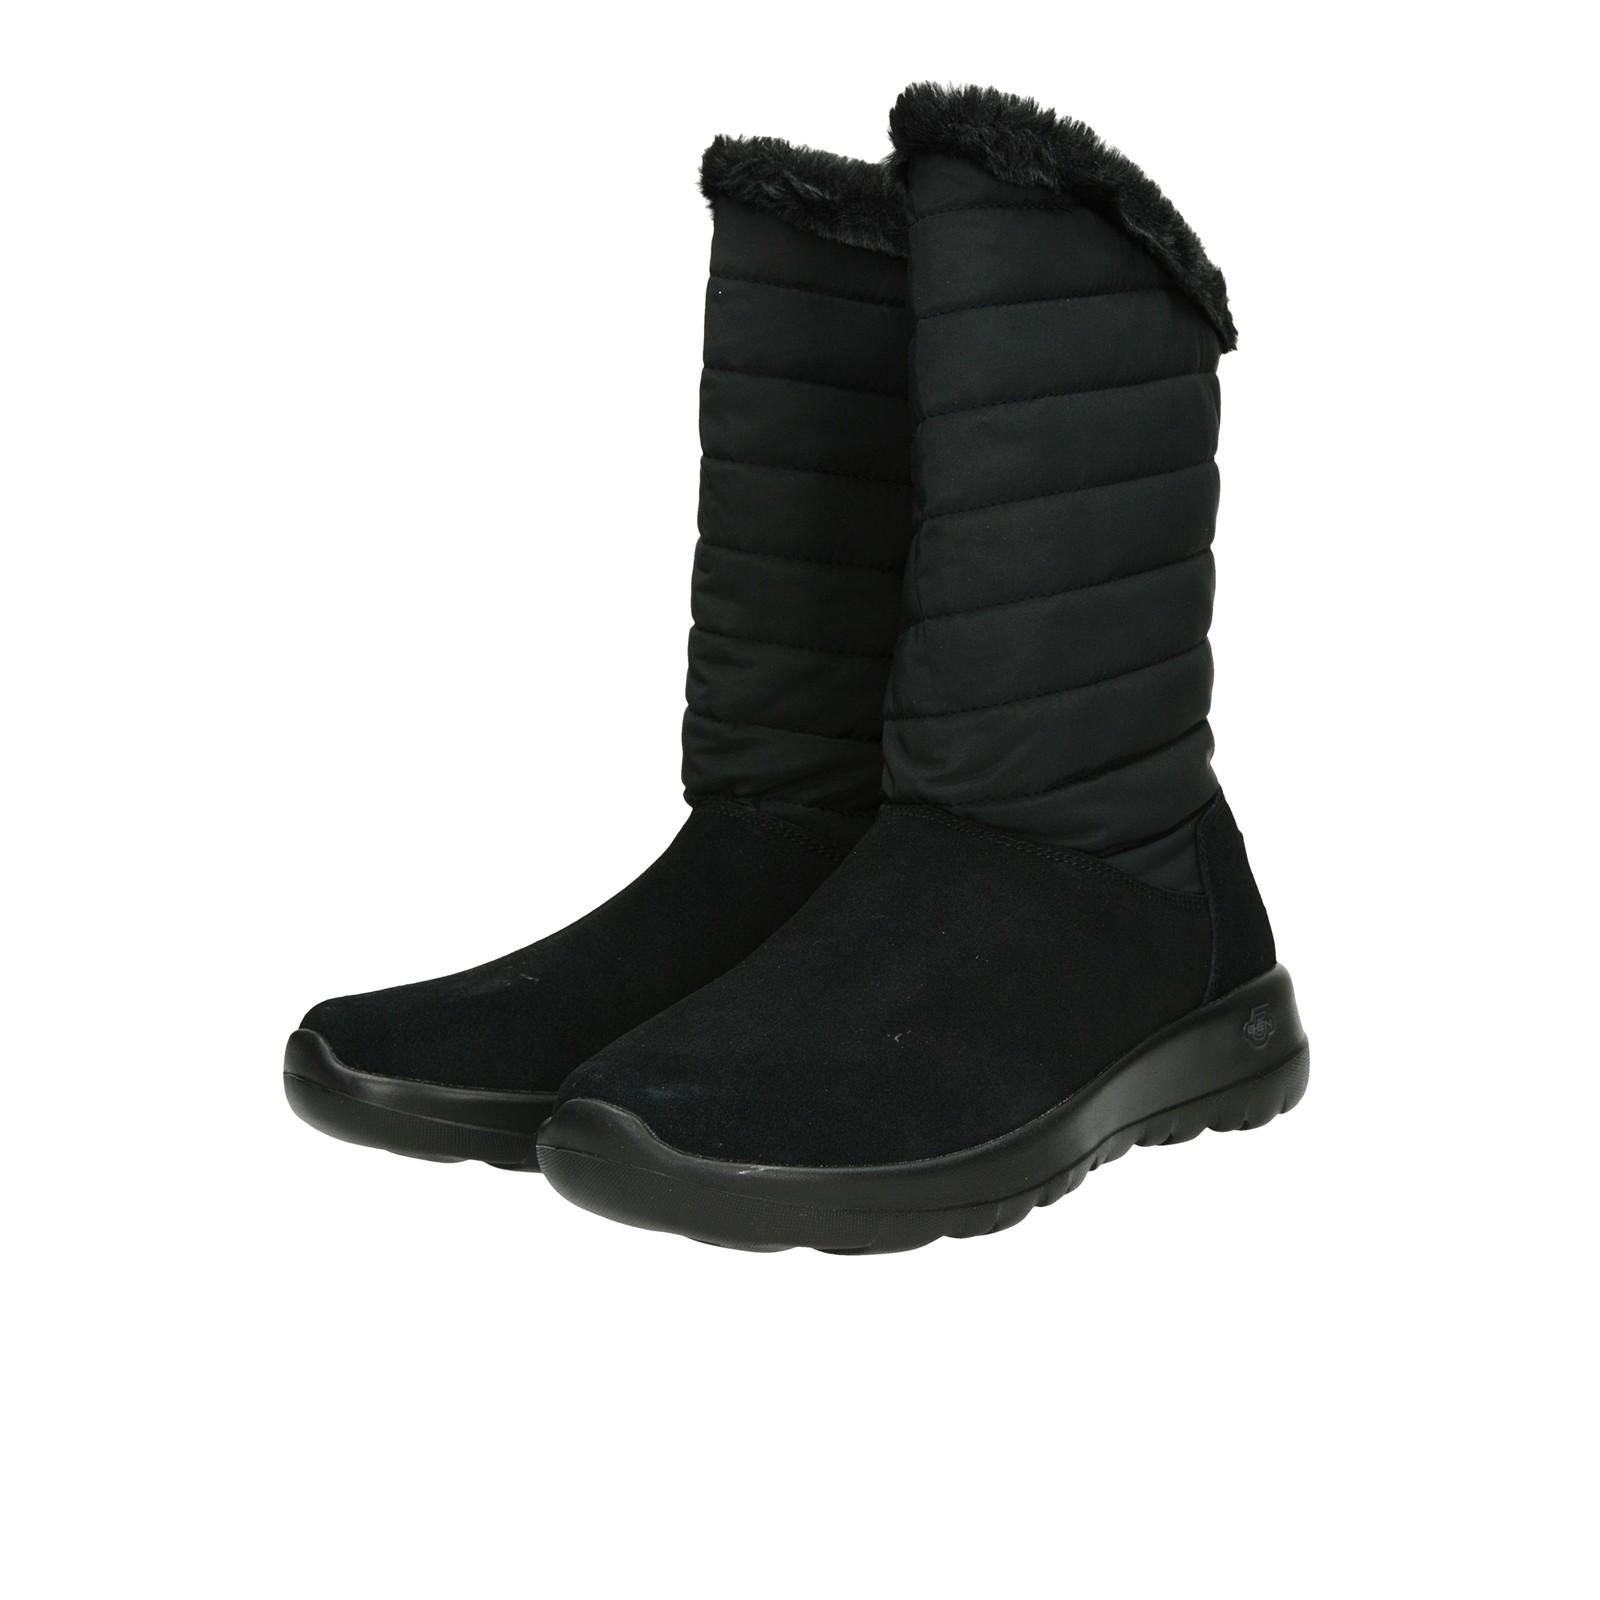 ... Skechers dámske nízke zateplené čižmy - čierne ... 457d6d2ef74